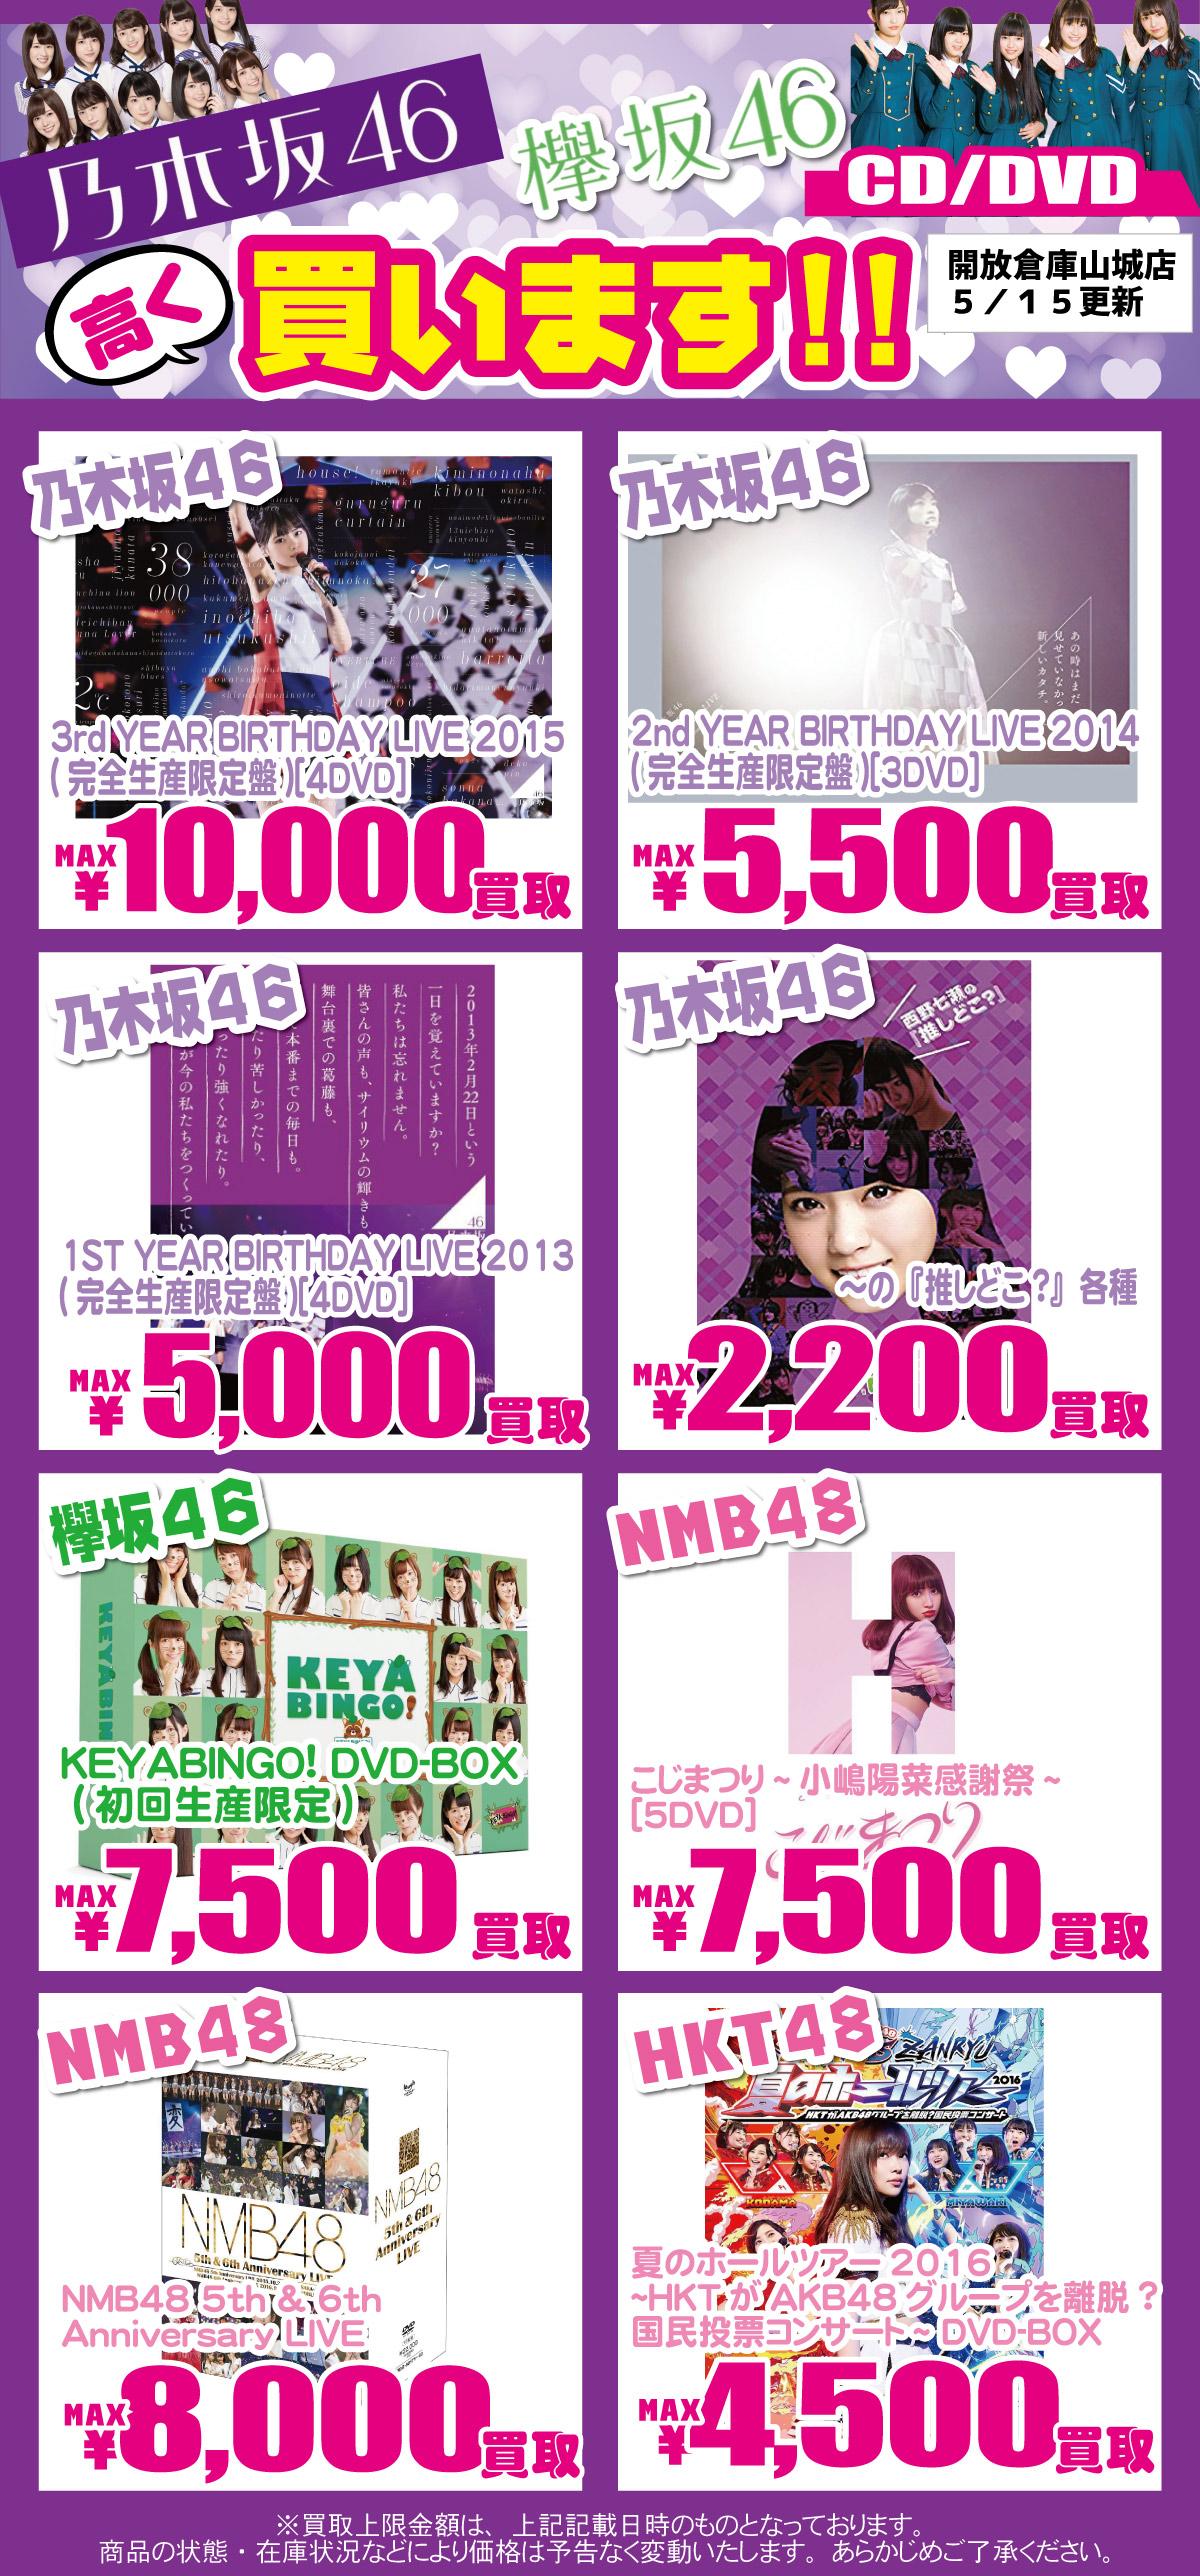 「開放倉庫山城店」乃木坂46、欅坂46CD/DVD高く買います!!